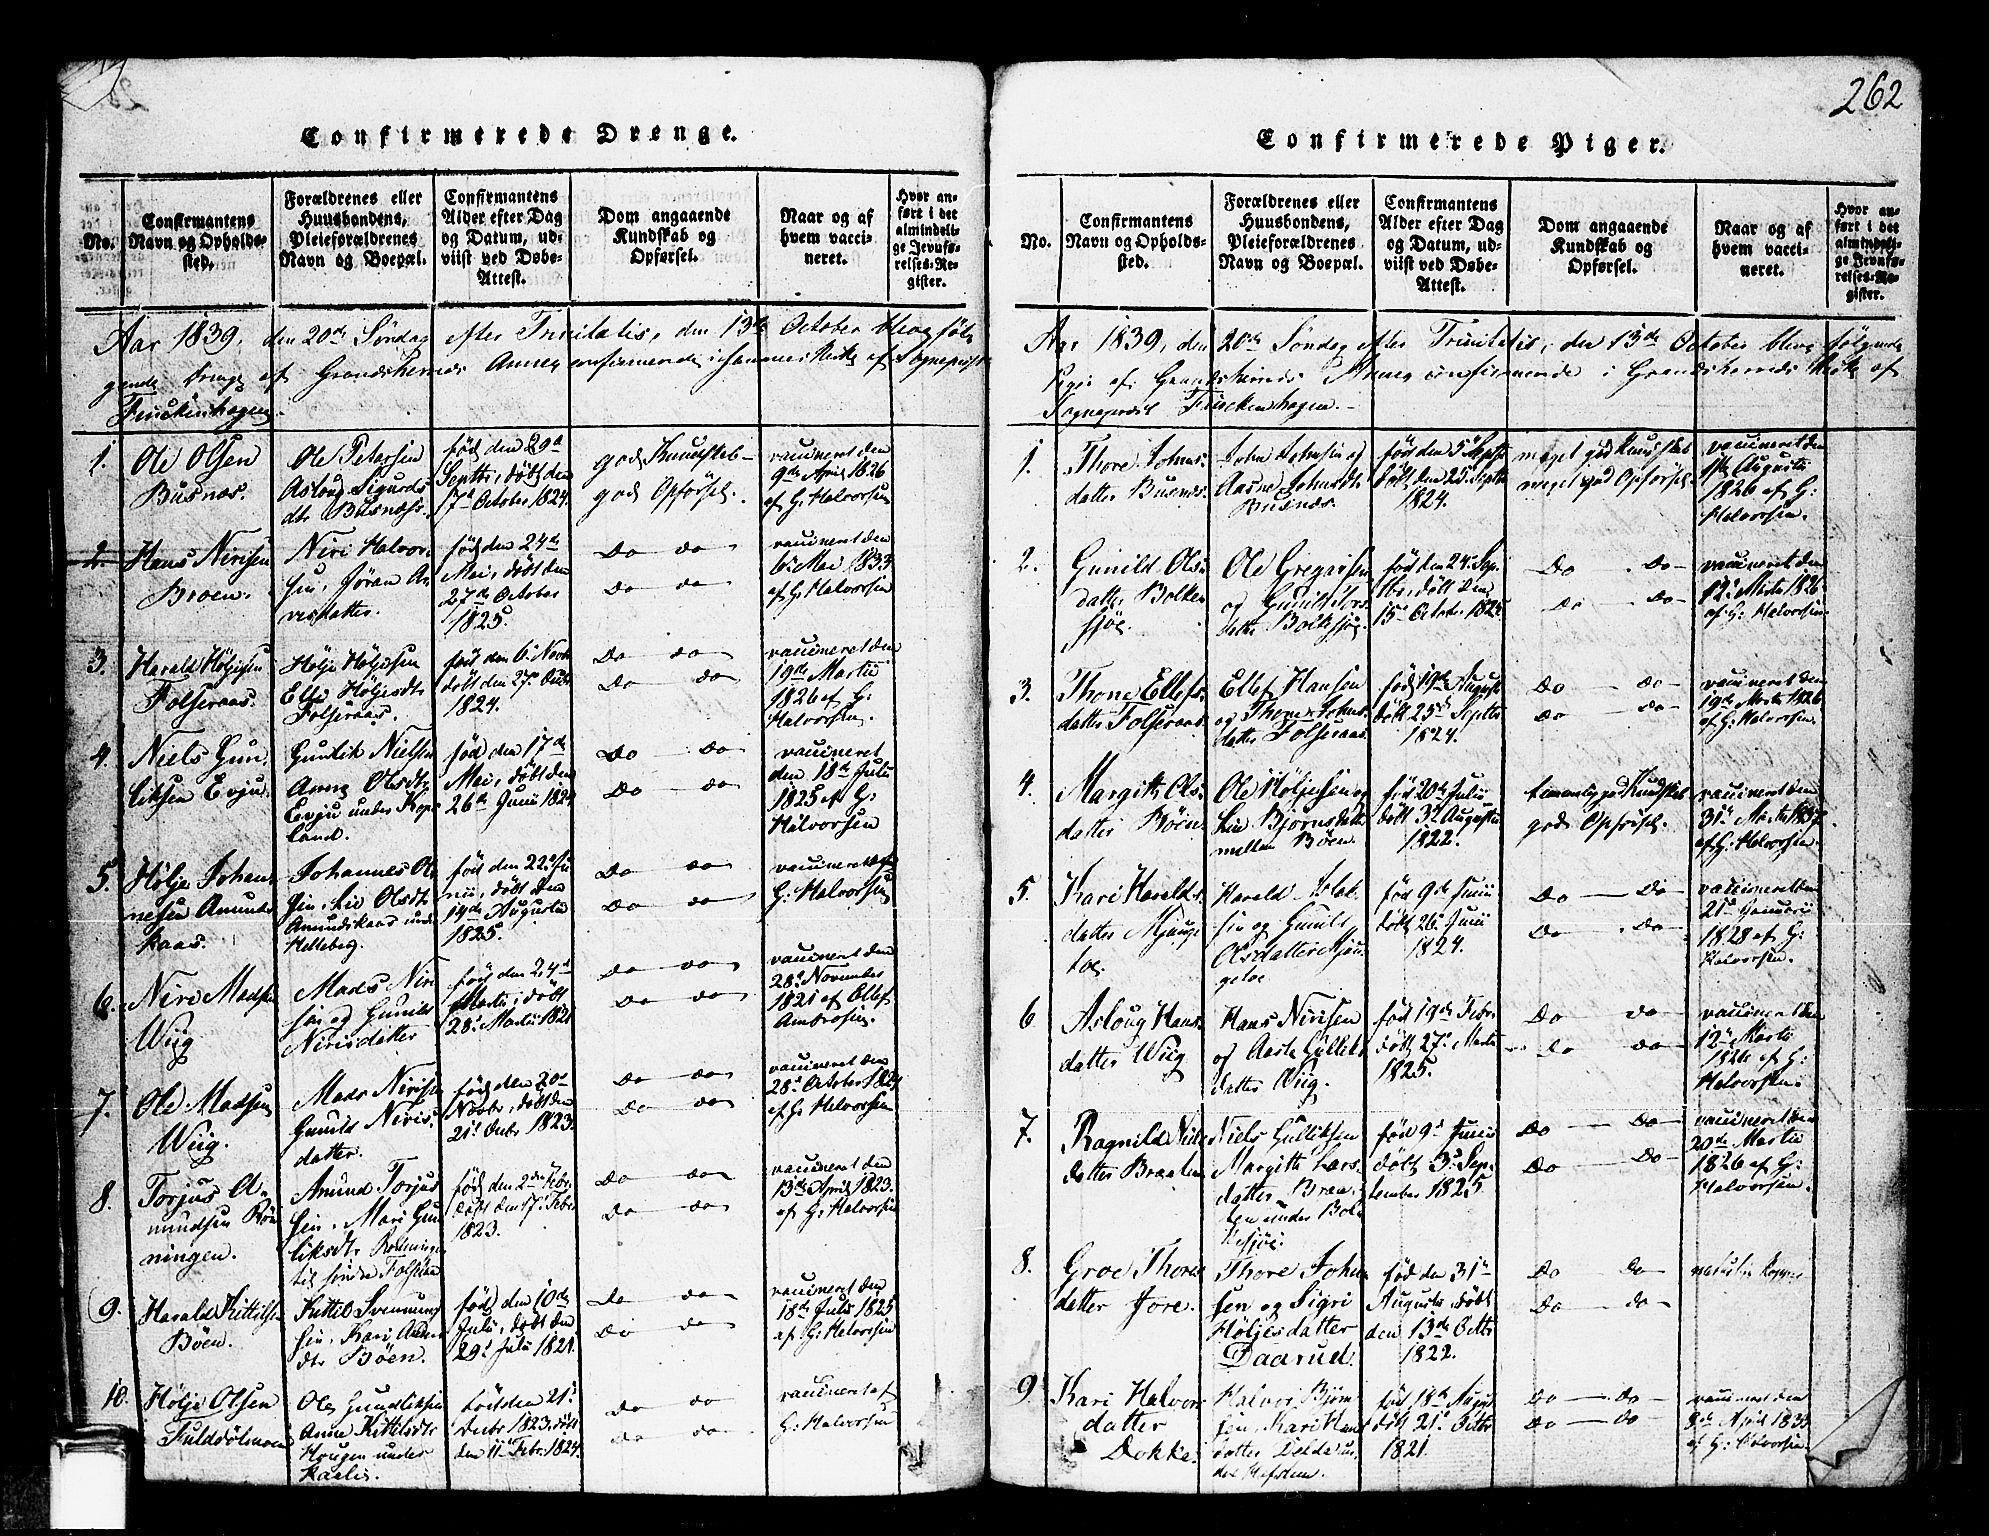 SAKO, Gransherad kirkebøker, F/Fa/L0001: Ministerialbok nr. I 1, 1815-1843, s. 262